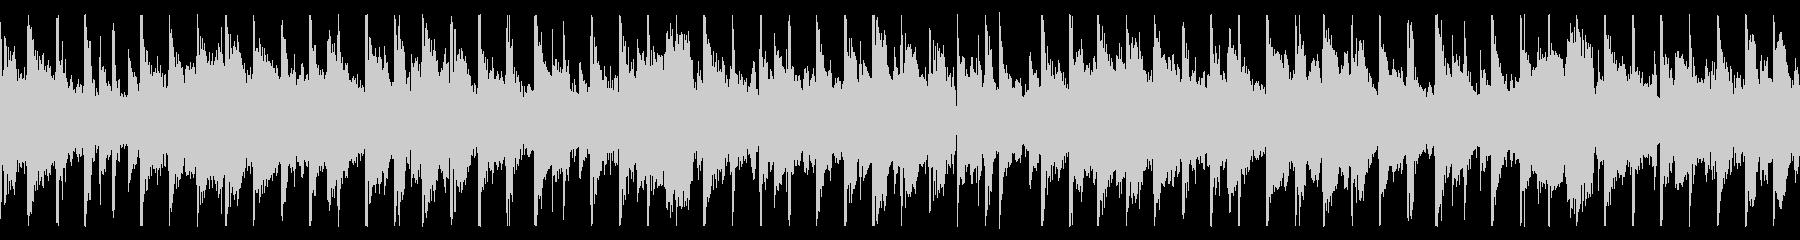 ローファイなチルBGMの未再生の波形